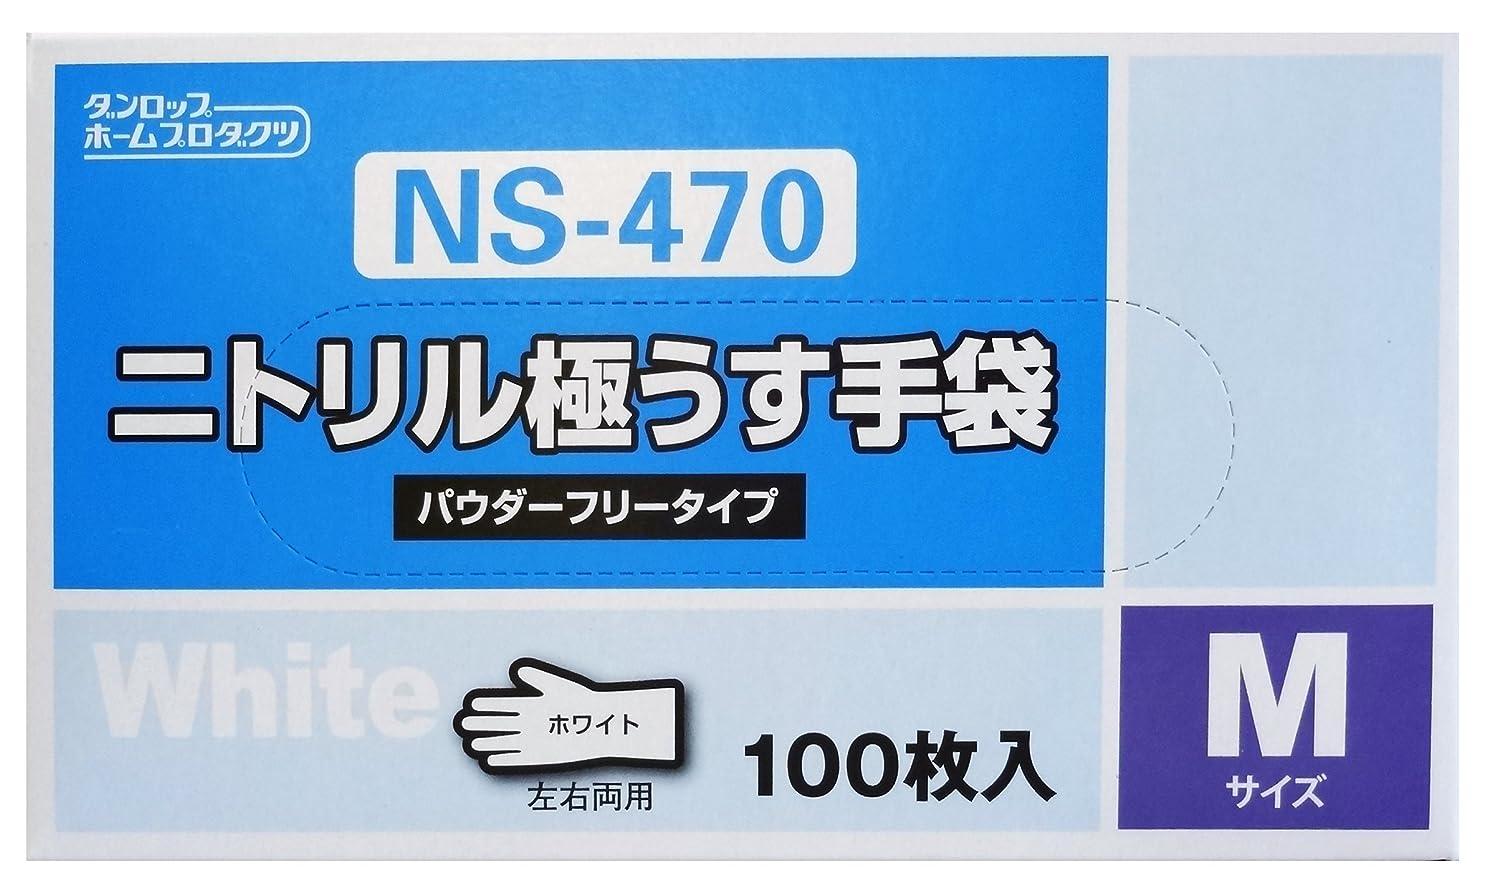 と組むパッチペックダンロップホームプロダクツ 粉なしニトリル極うす手袋 Mサイズ ホワイト 100枚入 NS-470